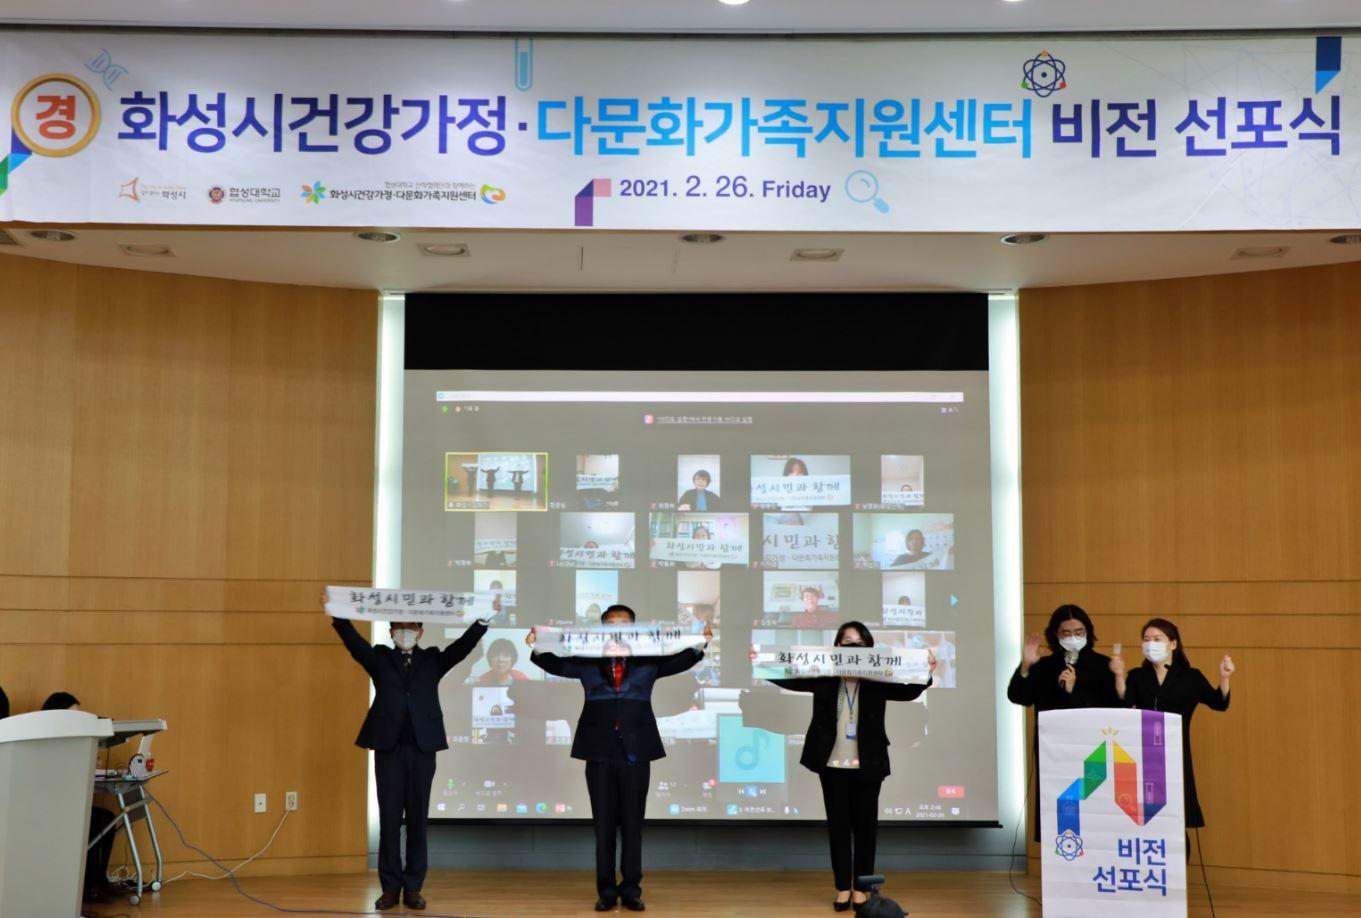 [21.02.26] 「보도자료」 협성대학교 산학협력단 운영 '화성시건강가정·다문화가족지원센터 비전선포식' 개최